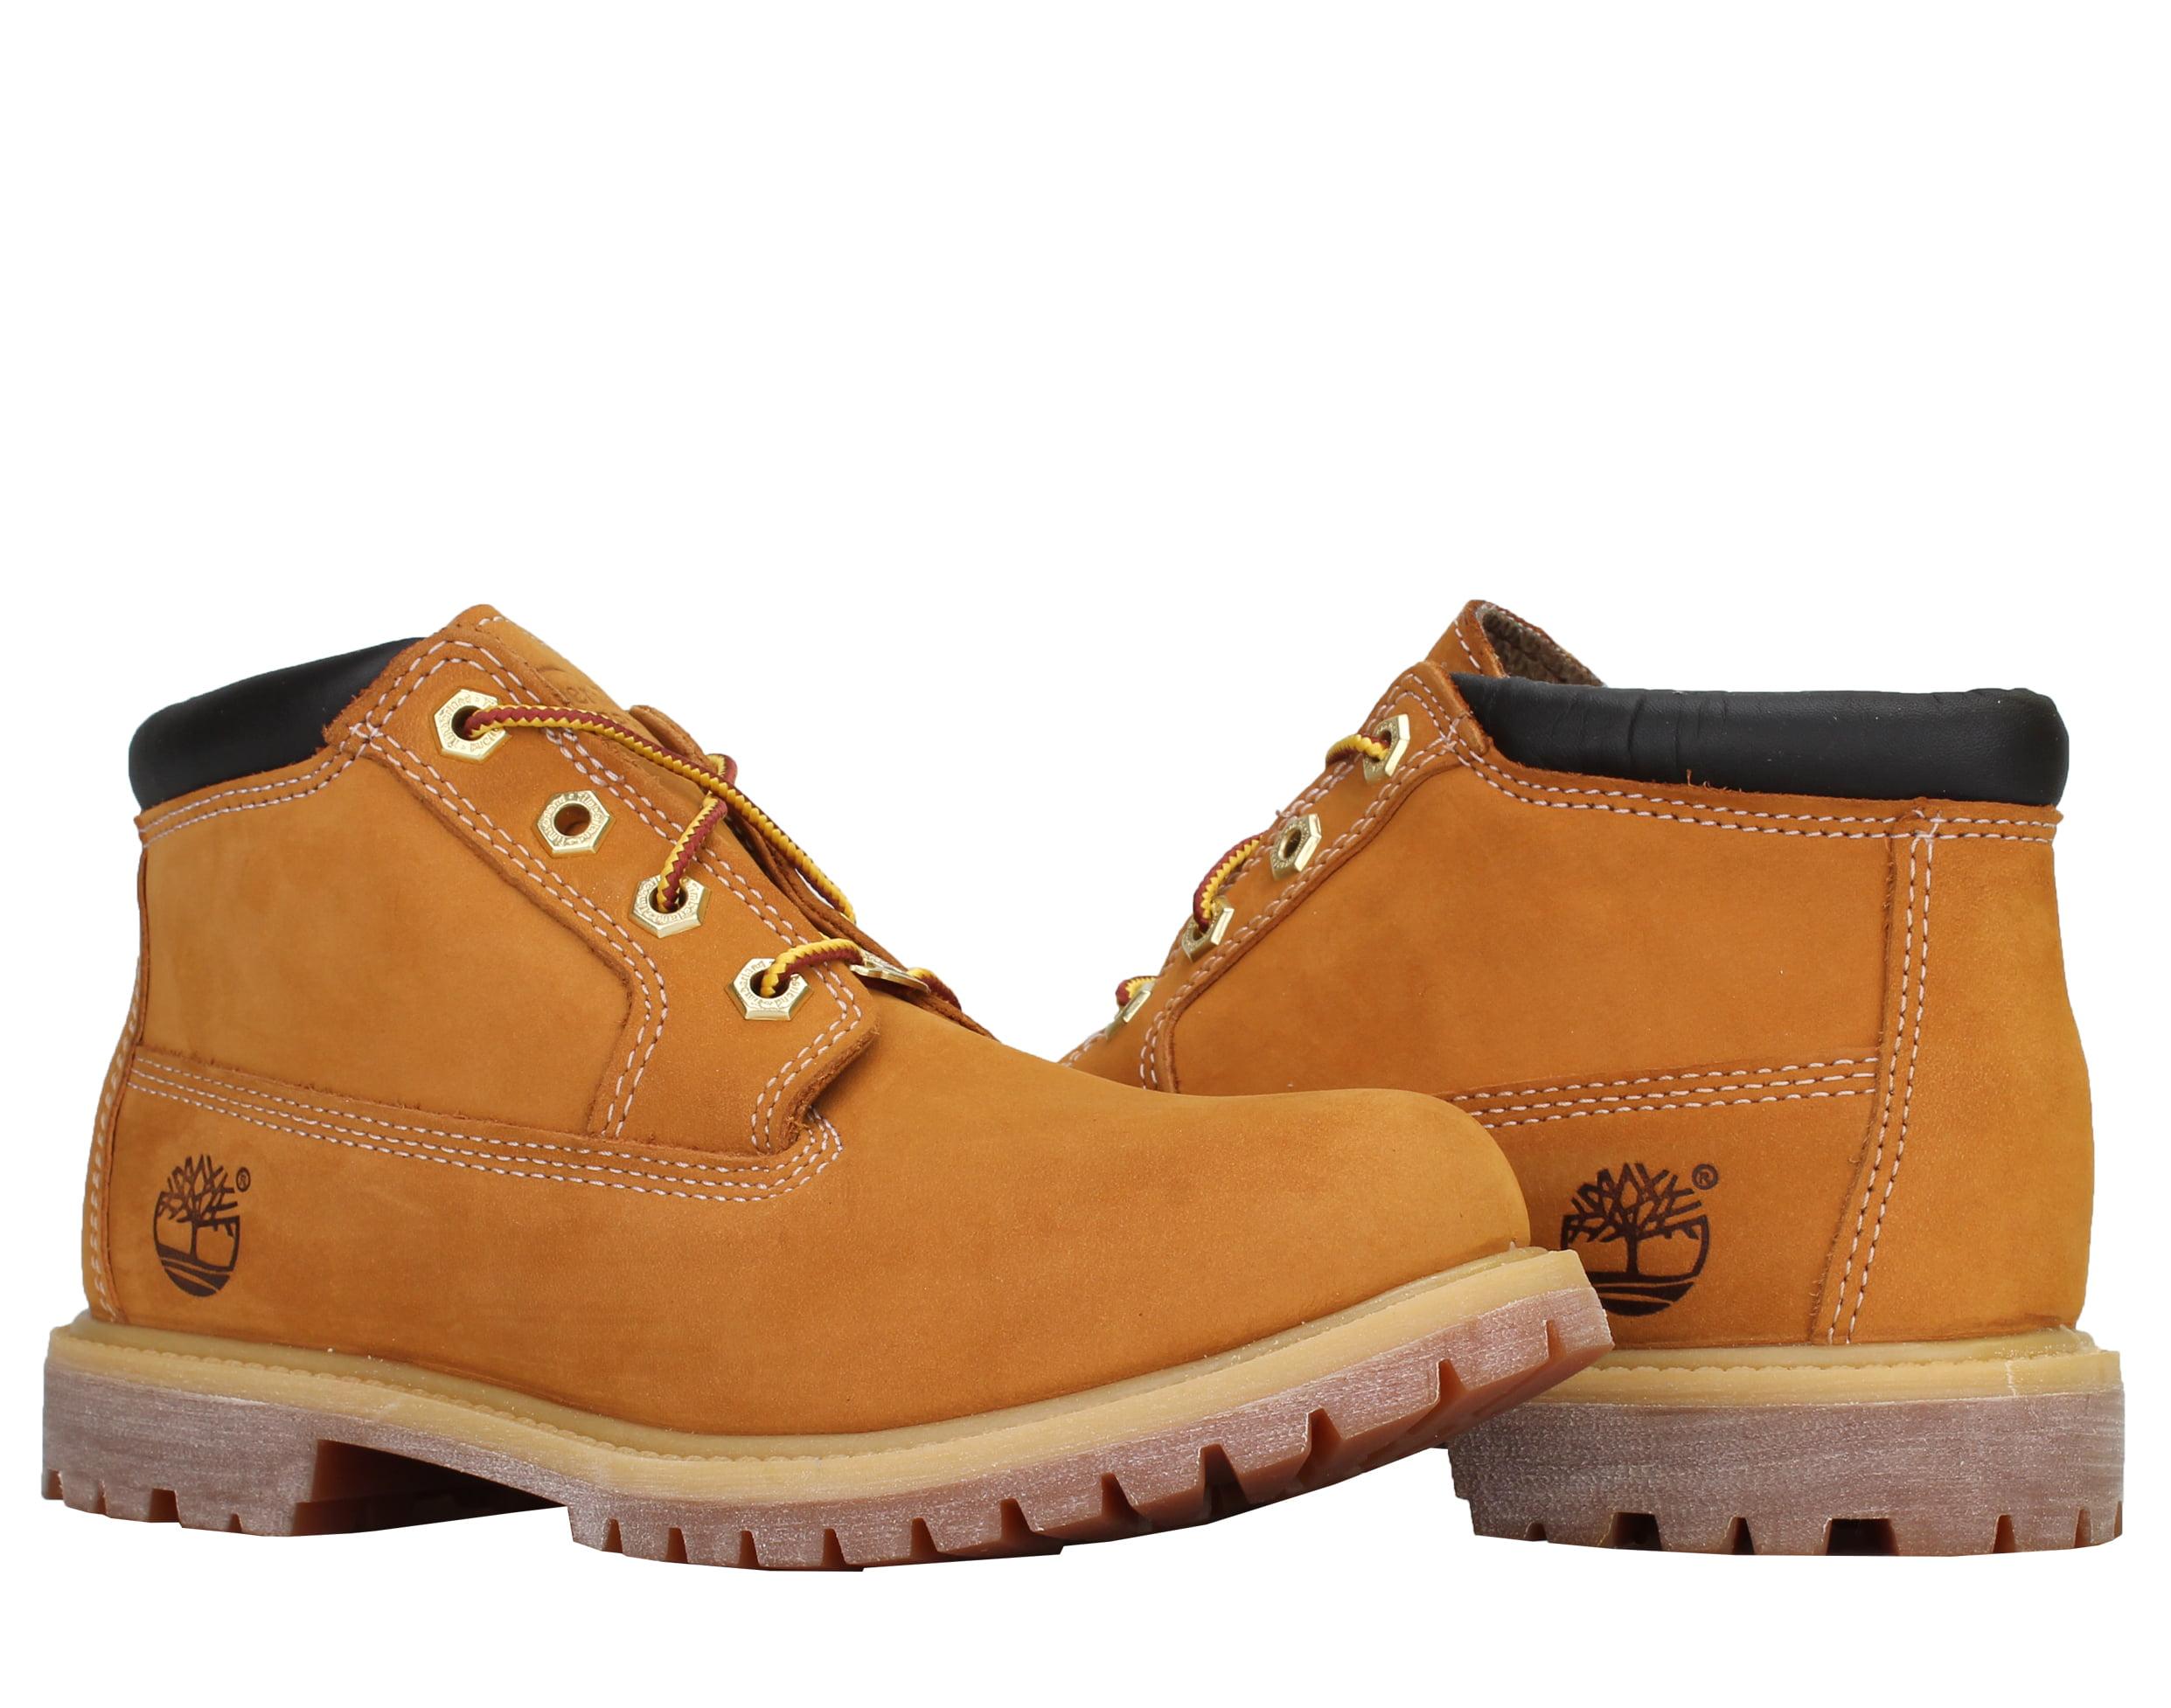 Timberland Nellie Chukka Wheat Nubuck Women's Boots 23399 Size 5.5 by Timberland